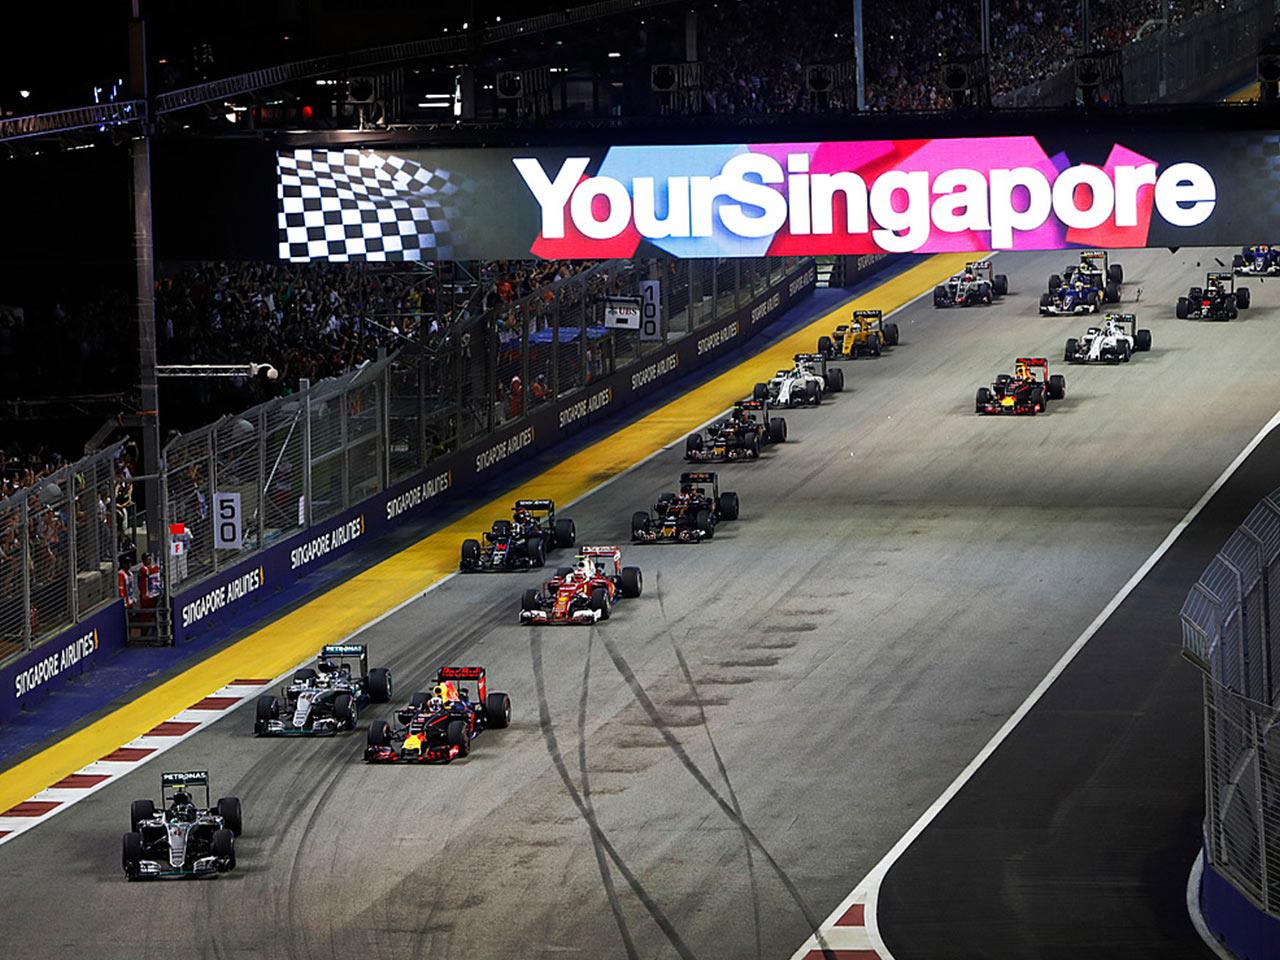 Singapore F1 signage